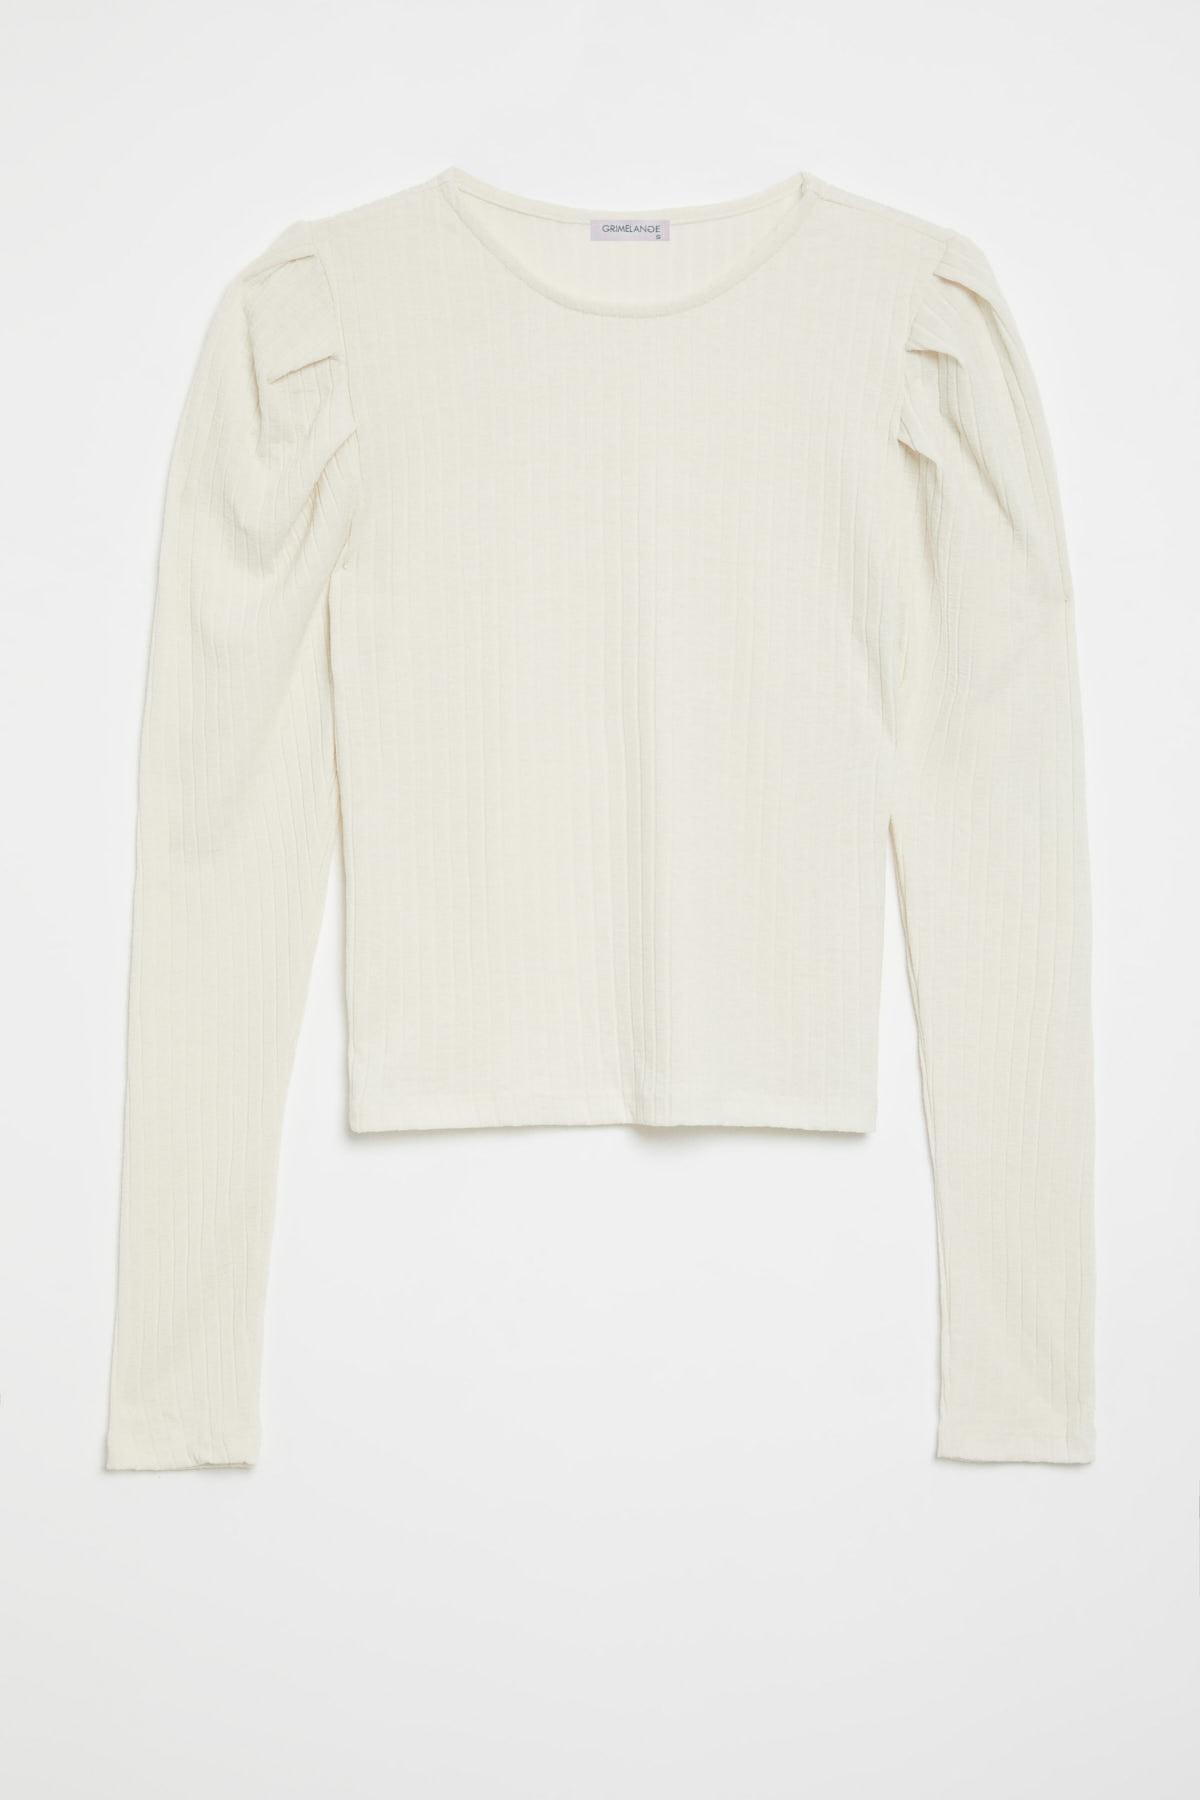 GRIMELANGE KIEV Kadın Beyaz Kolları Pileli Triko Görünümlü Uzun Kollu Bluz 0